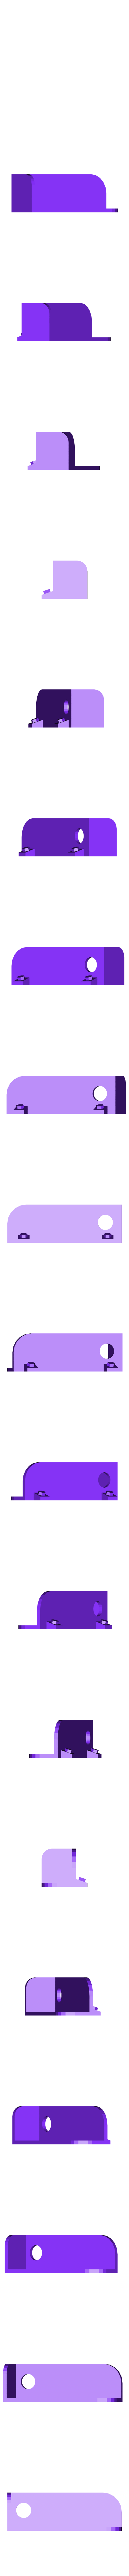 svetloL.stl Download STL file MONAKO RC MODEL BOAT TUG • 3D printable template, maca-artwork